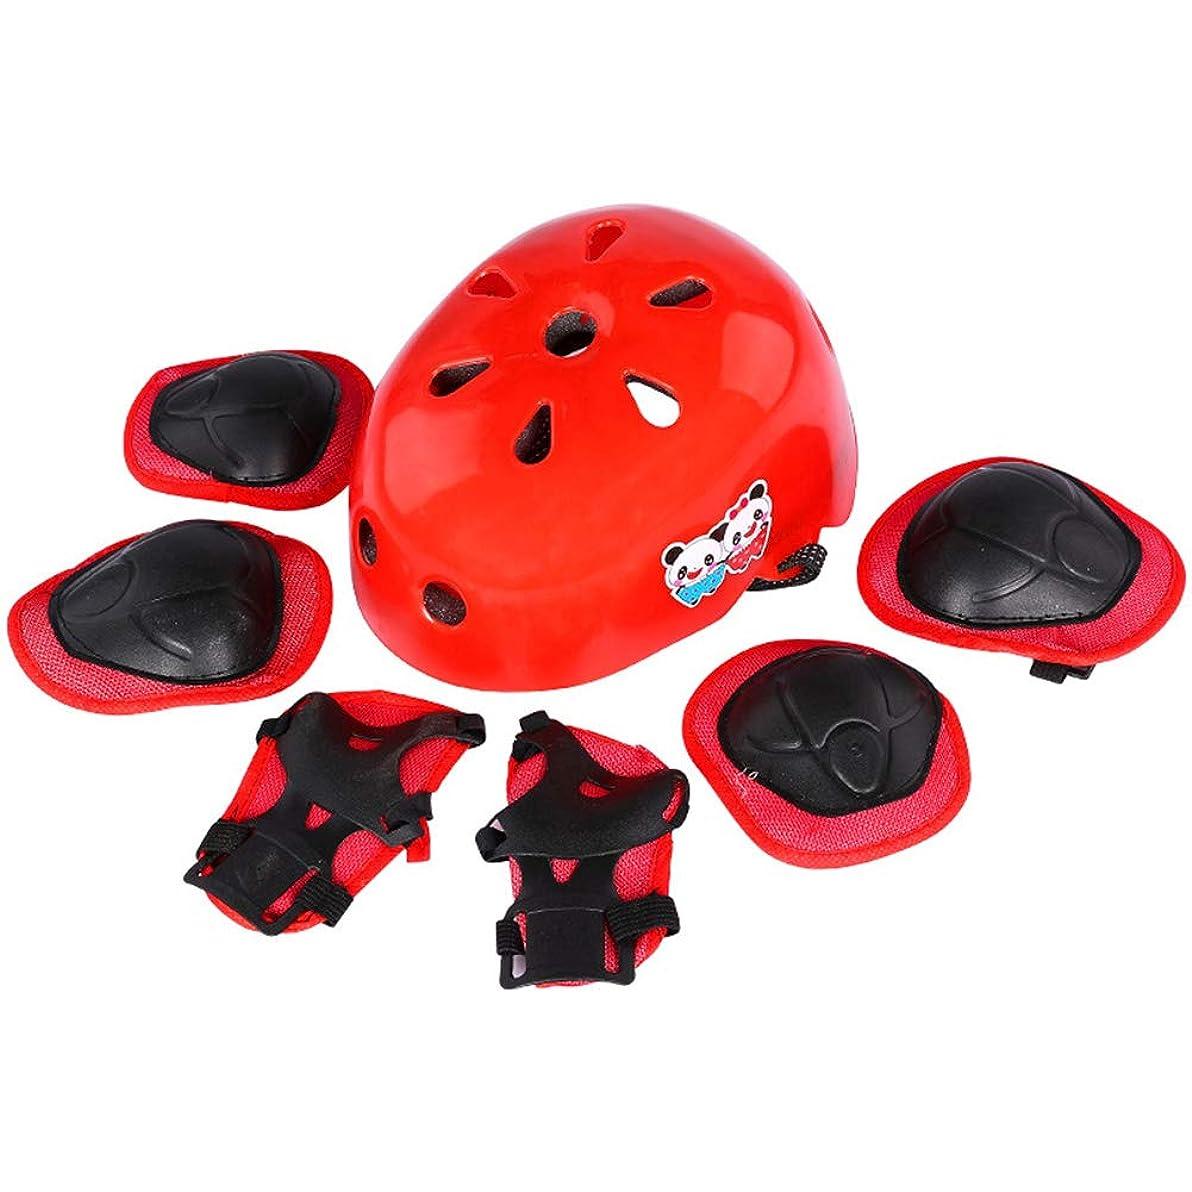 消毒するダムコンデンサーTERbahulan ヘルメット プロテクター 4点(頭、肘、膝、手のひら)セット 自転車 サイクリング ローラー スケボー 子供 男女兼用 3-5歳 軽量 通気性 サイズ調整可能 保護用 安全 レッド